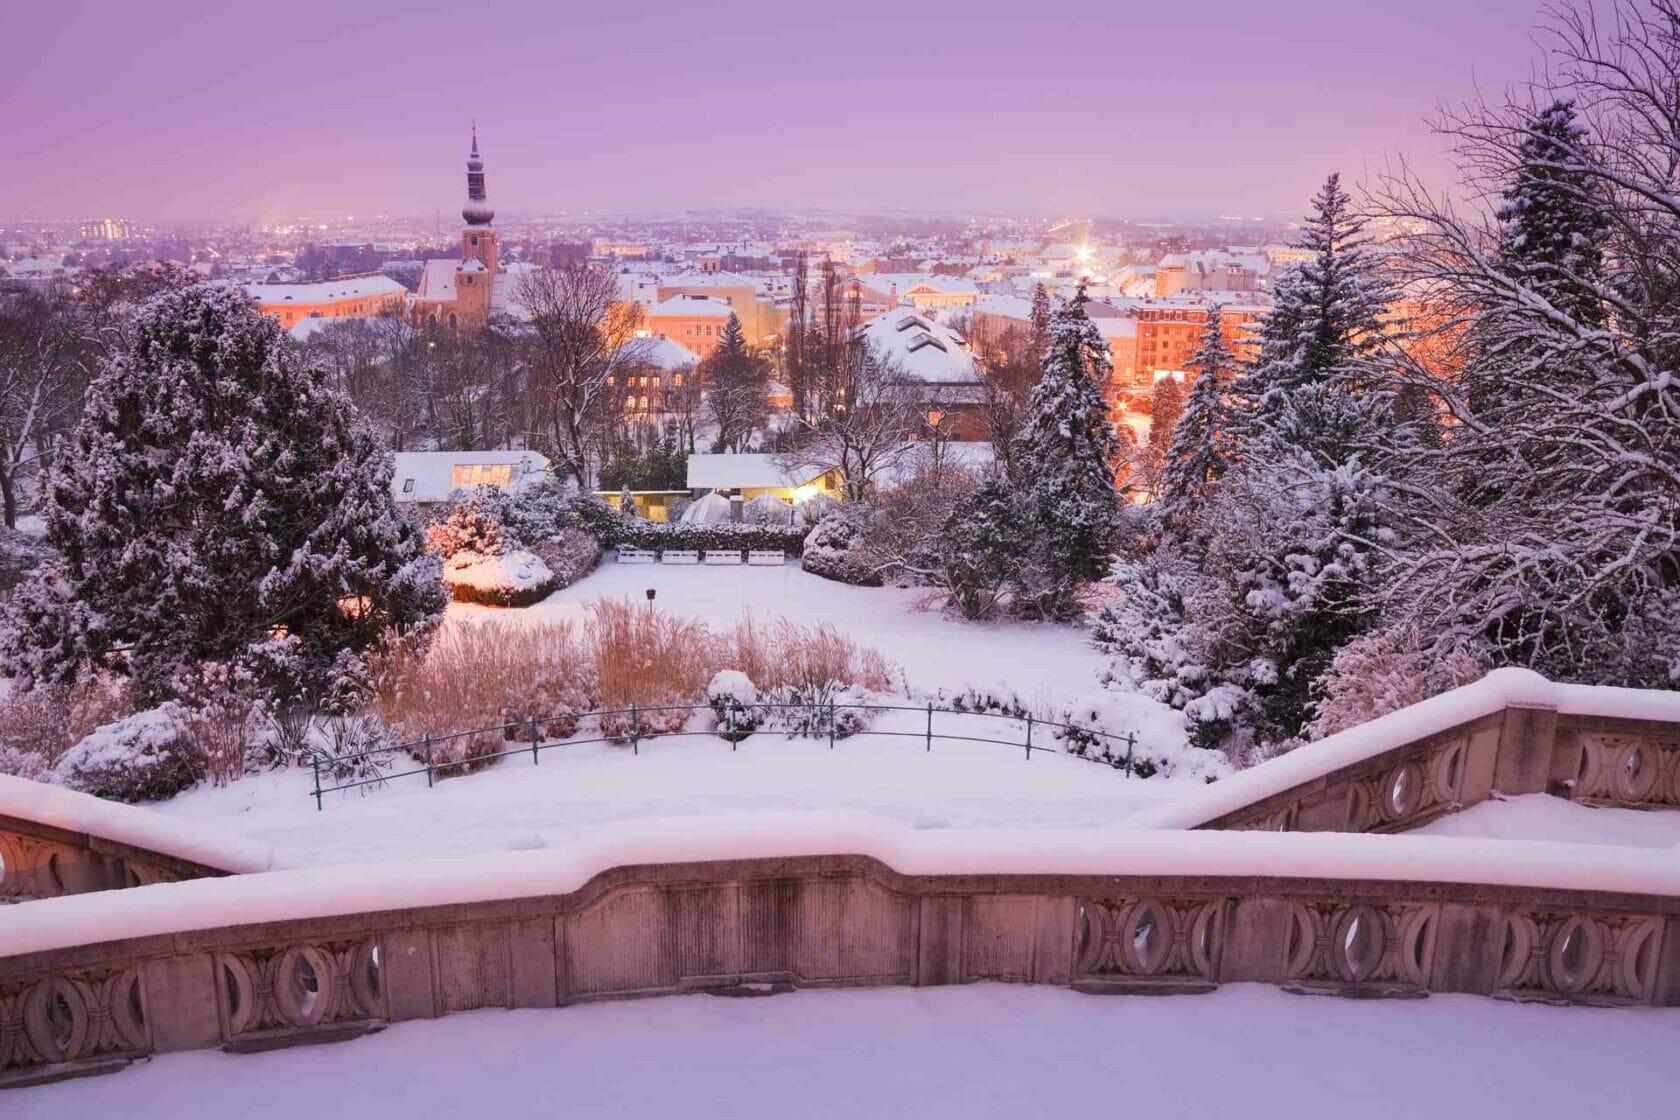 Österreich, Niederösterreich, Baden bei Wien, Kurpark, Pfarrkirche